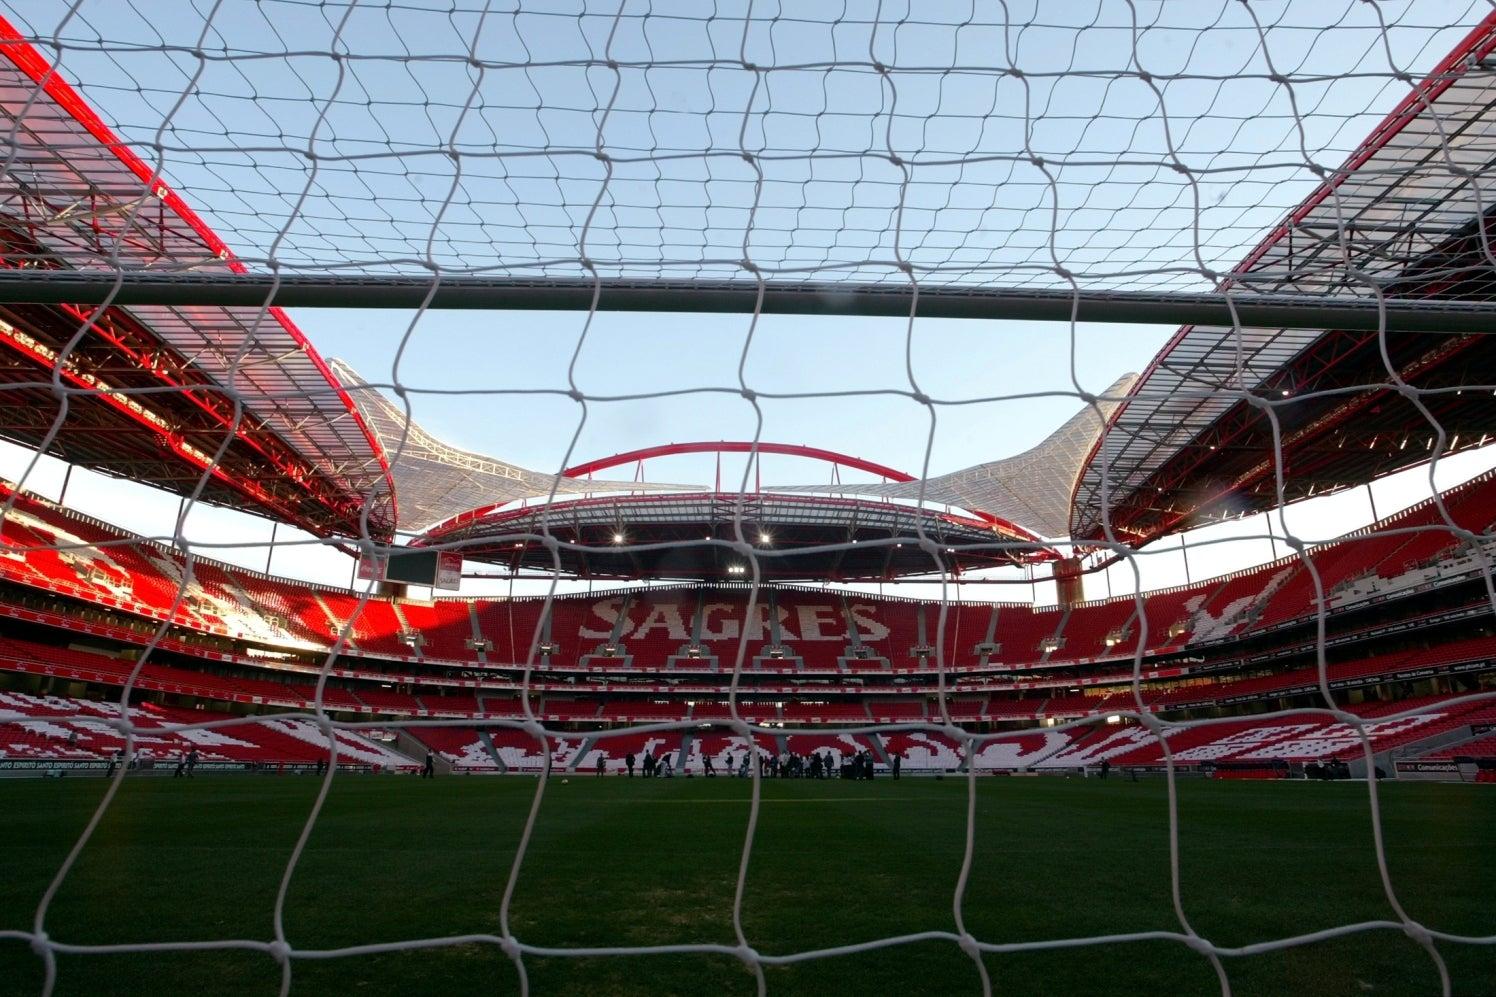 Novas buscas no Benfica relacionadas com caso dos emails